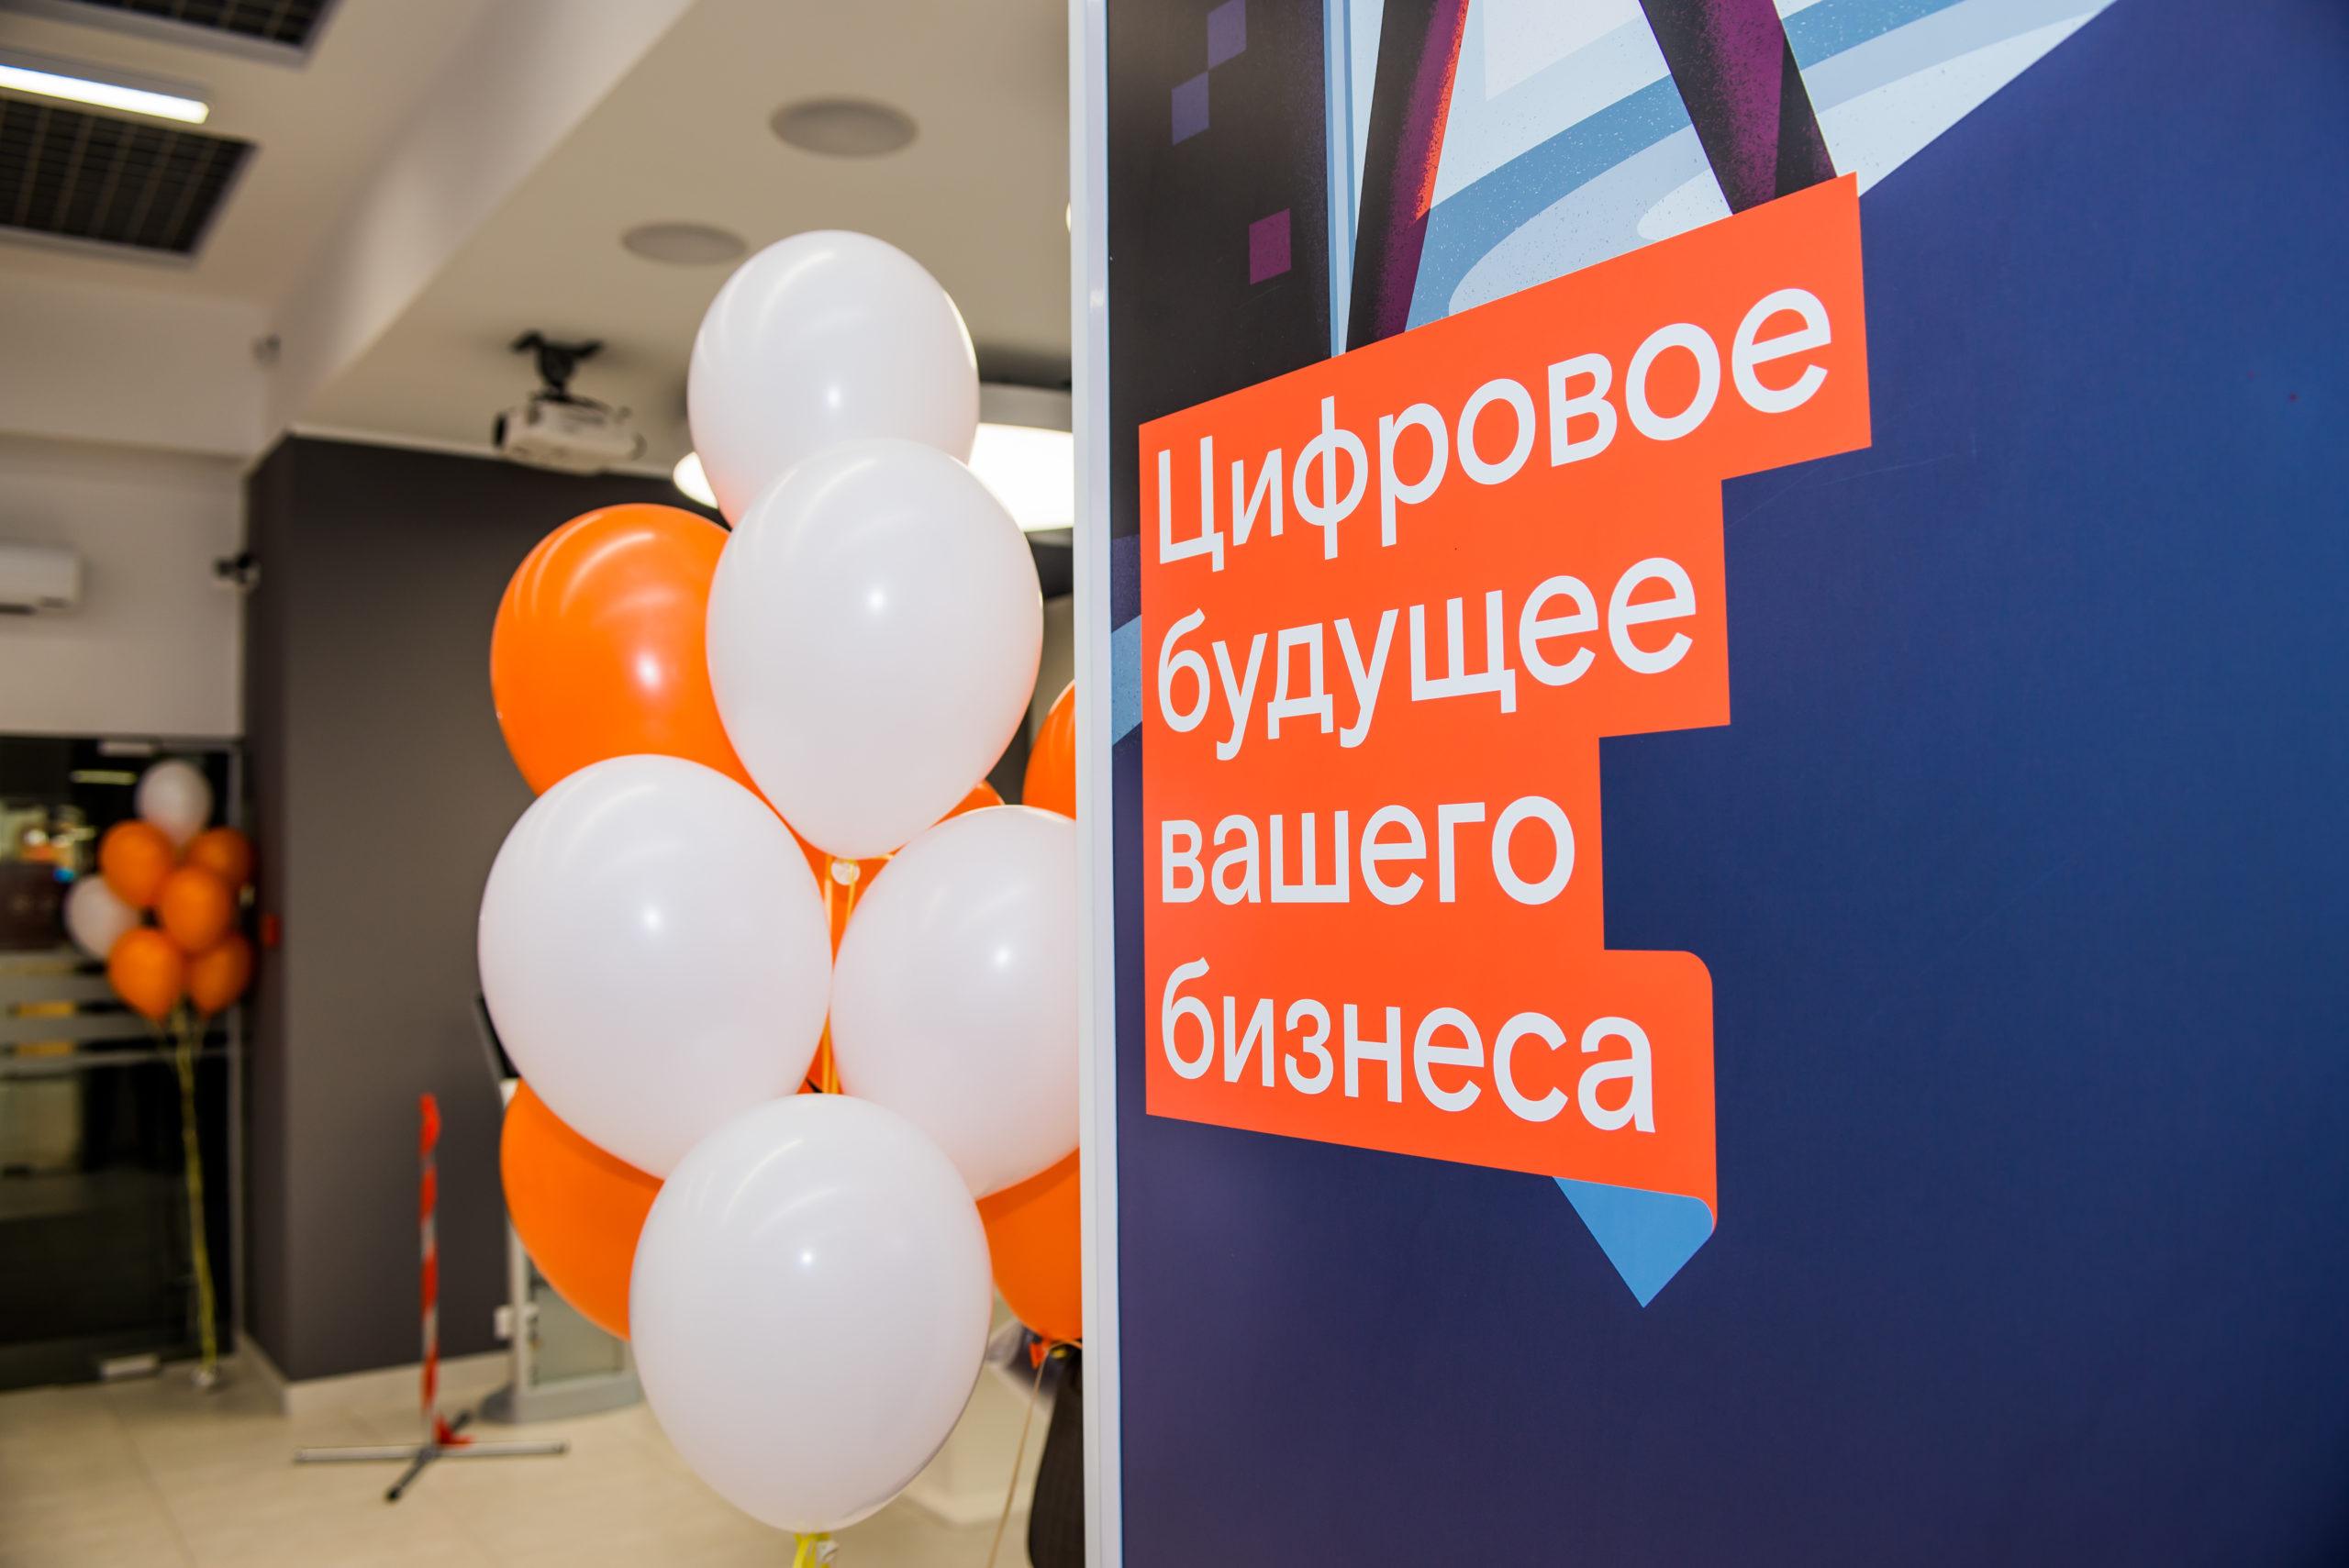 Более 300 тверскихпредприятий выбрали «Wi-Fiдля бизнеса» от «Ростелекома»